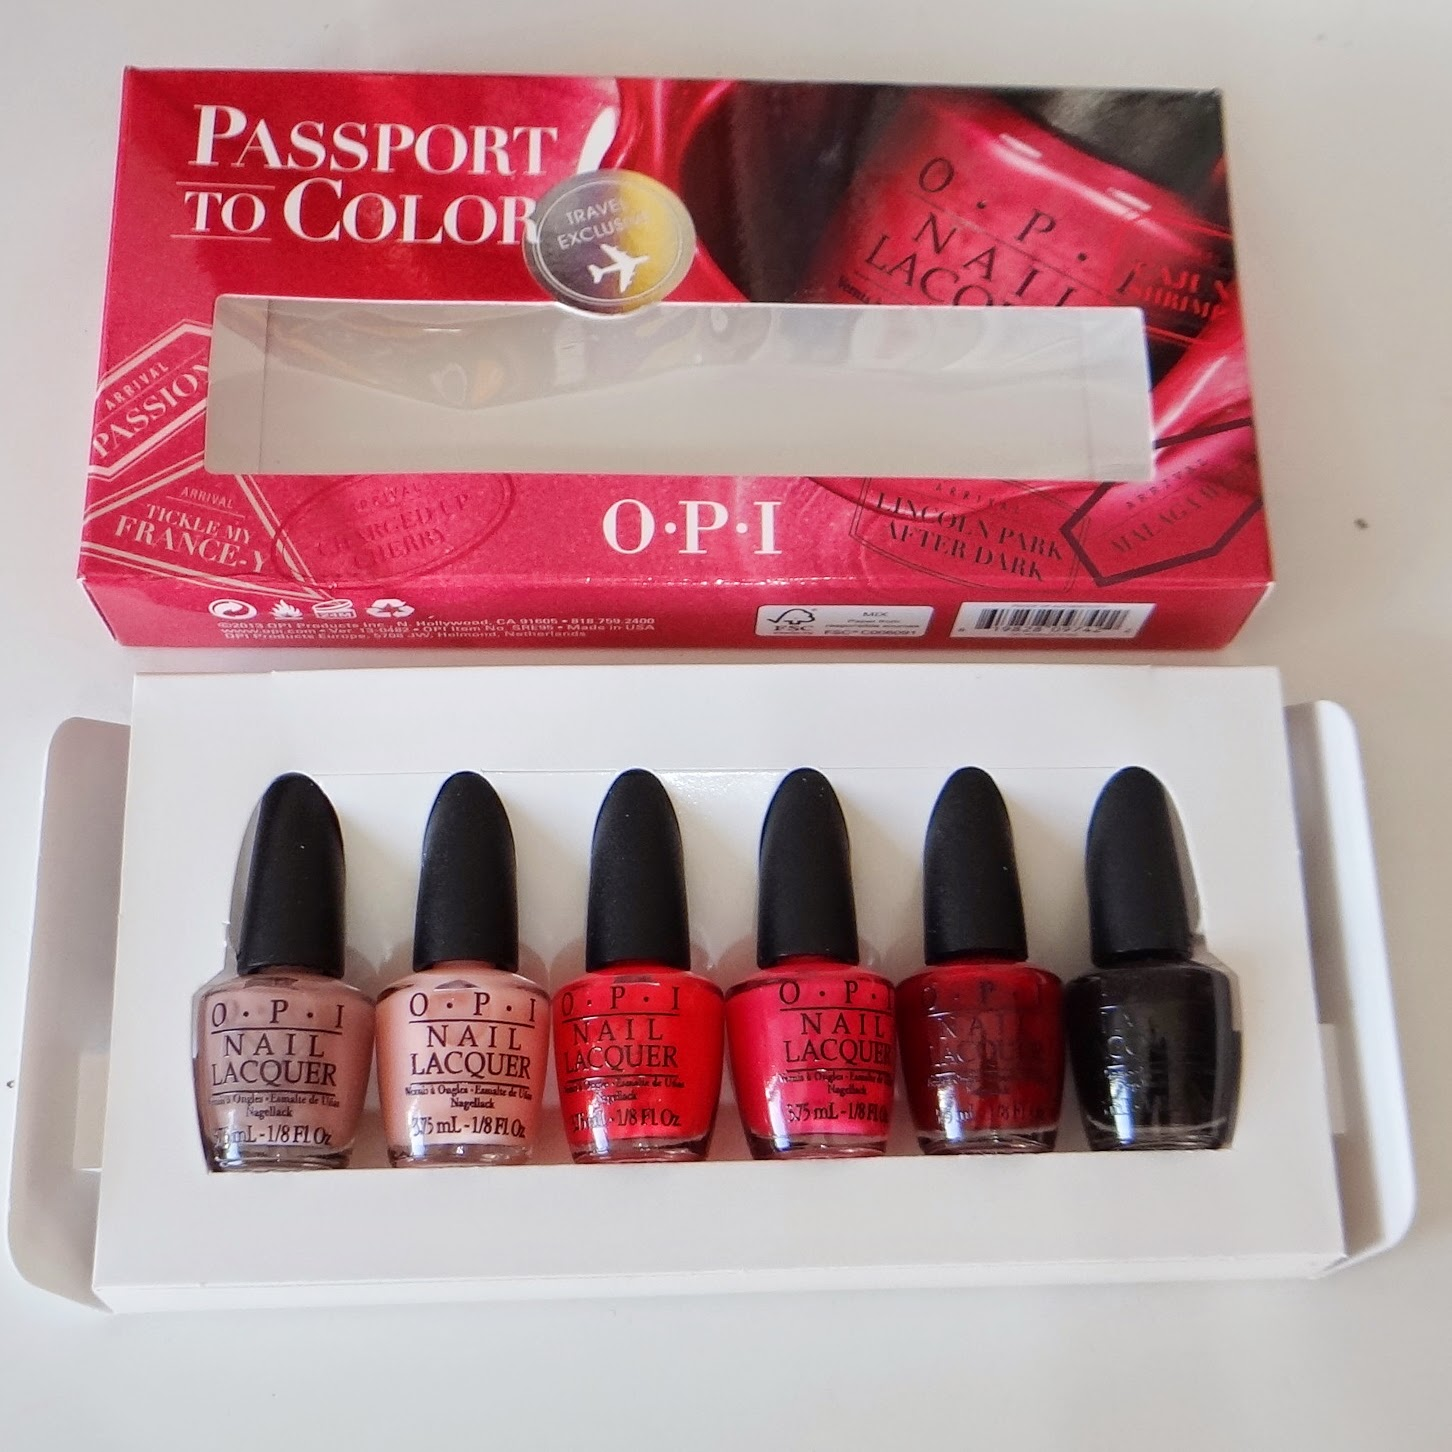 Passport to Color da OPI Nail Lacquer.